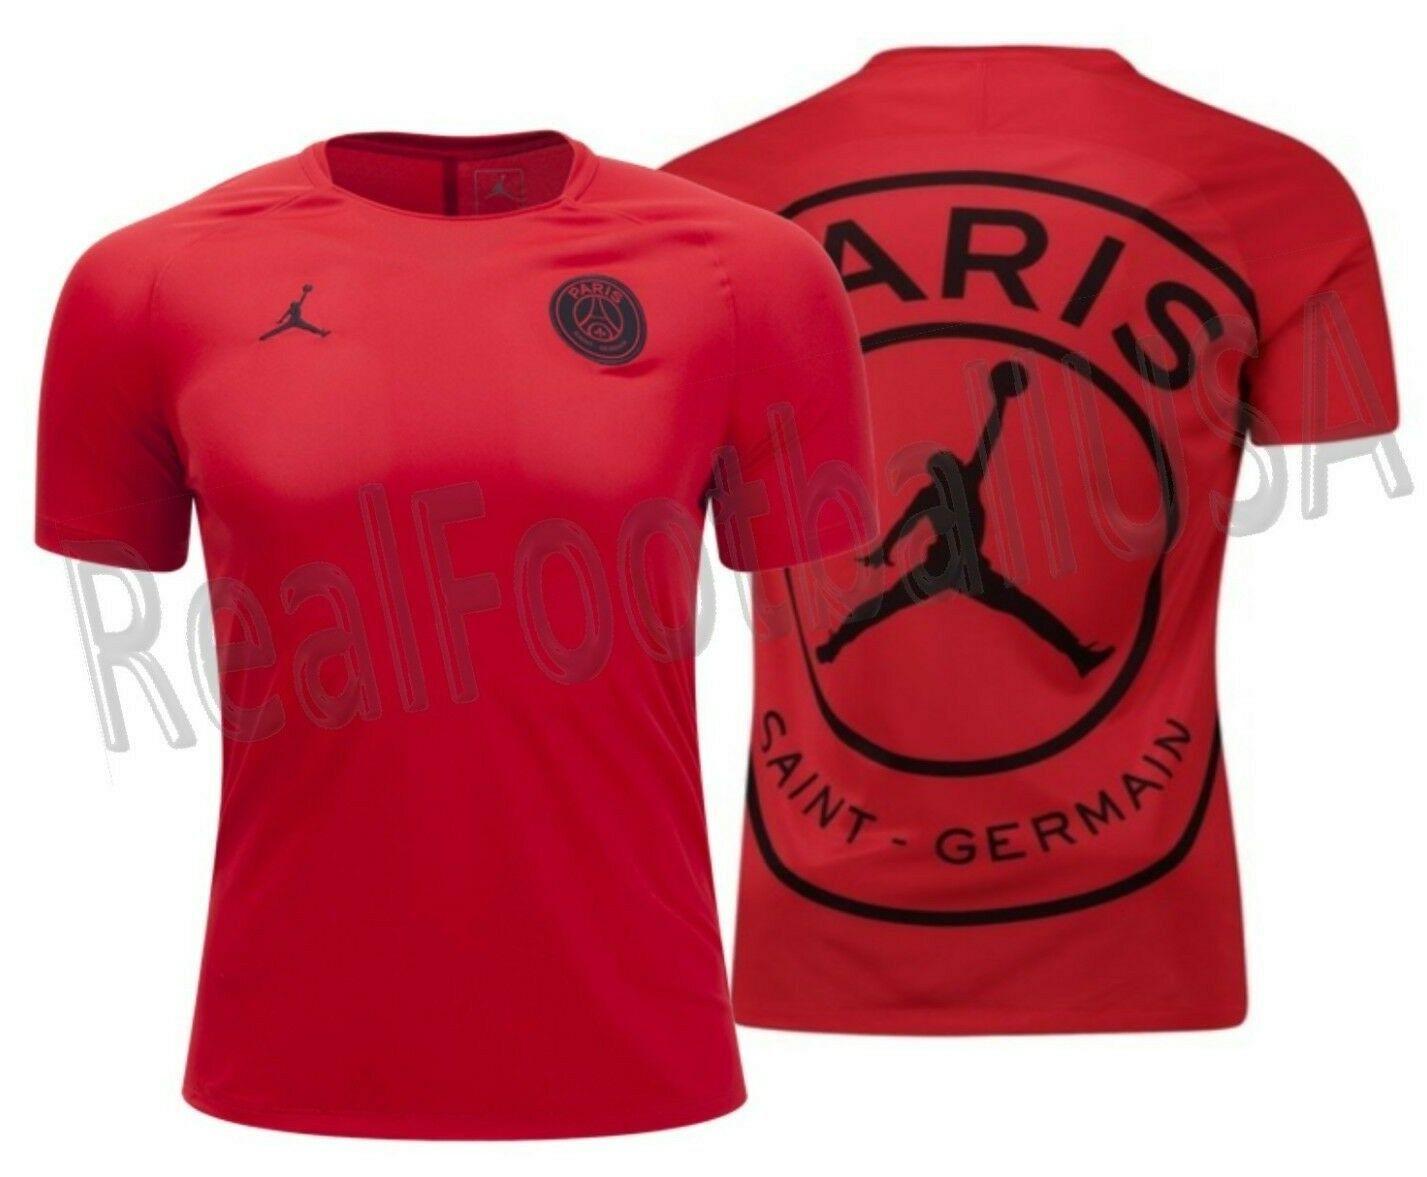 brand new 06879 a5a7d Jordan Psg Paris SAINT-GERMAIN Uefa and 50 similar items